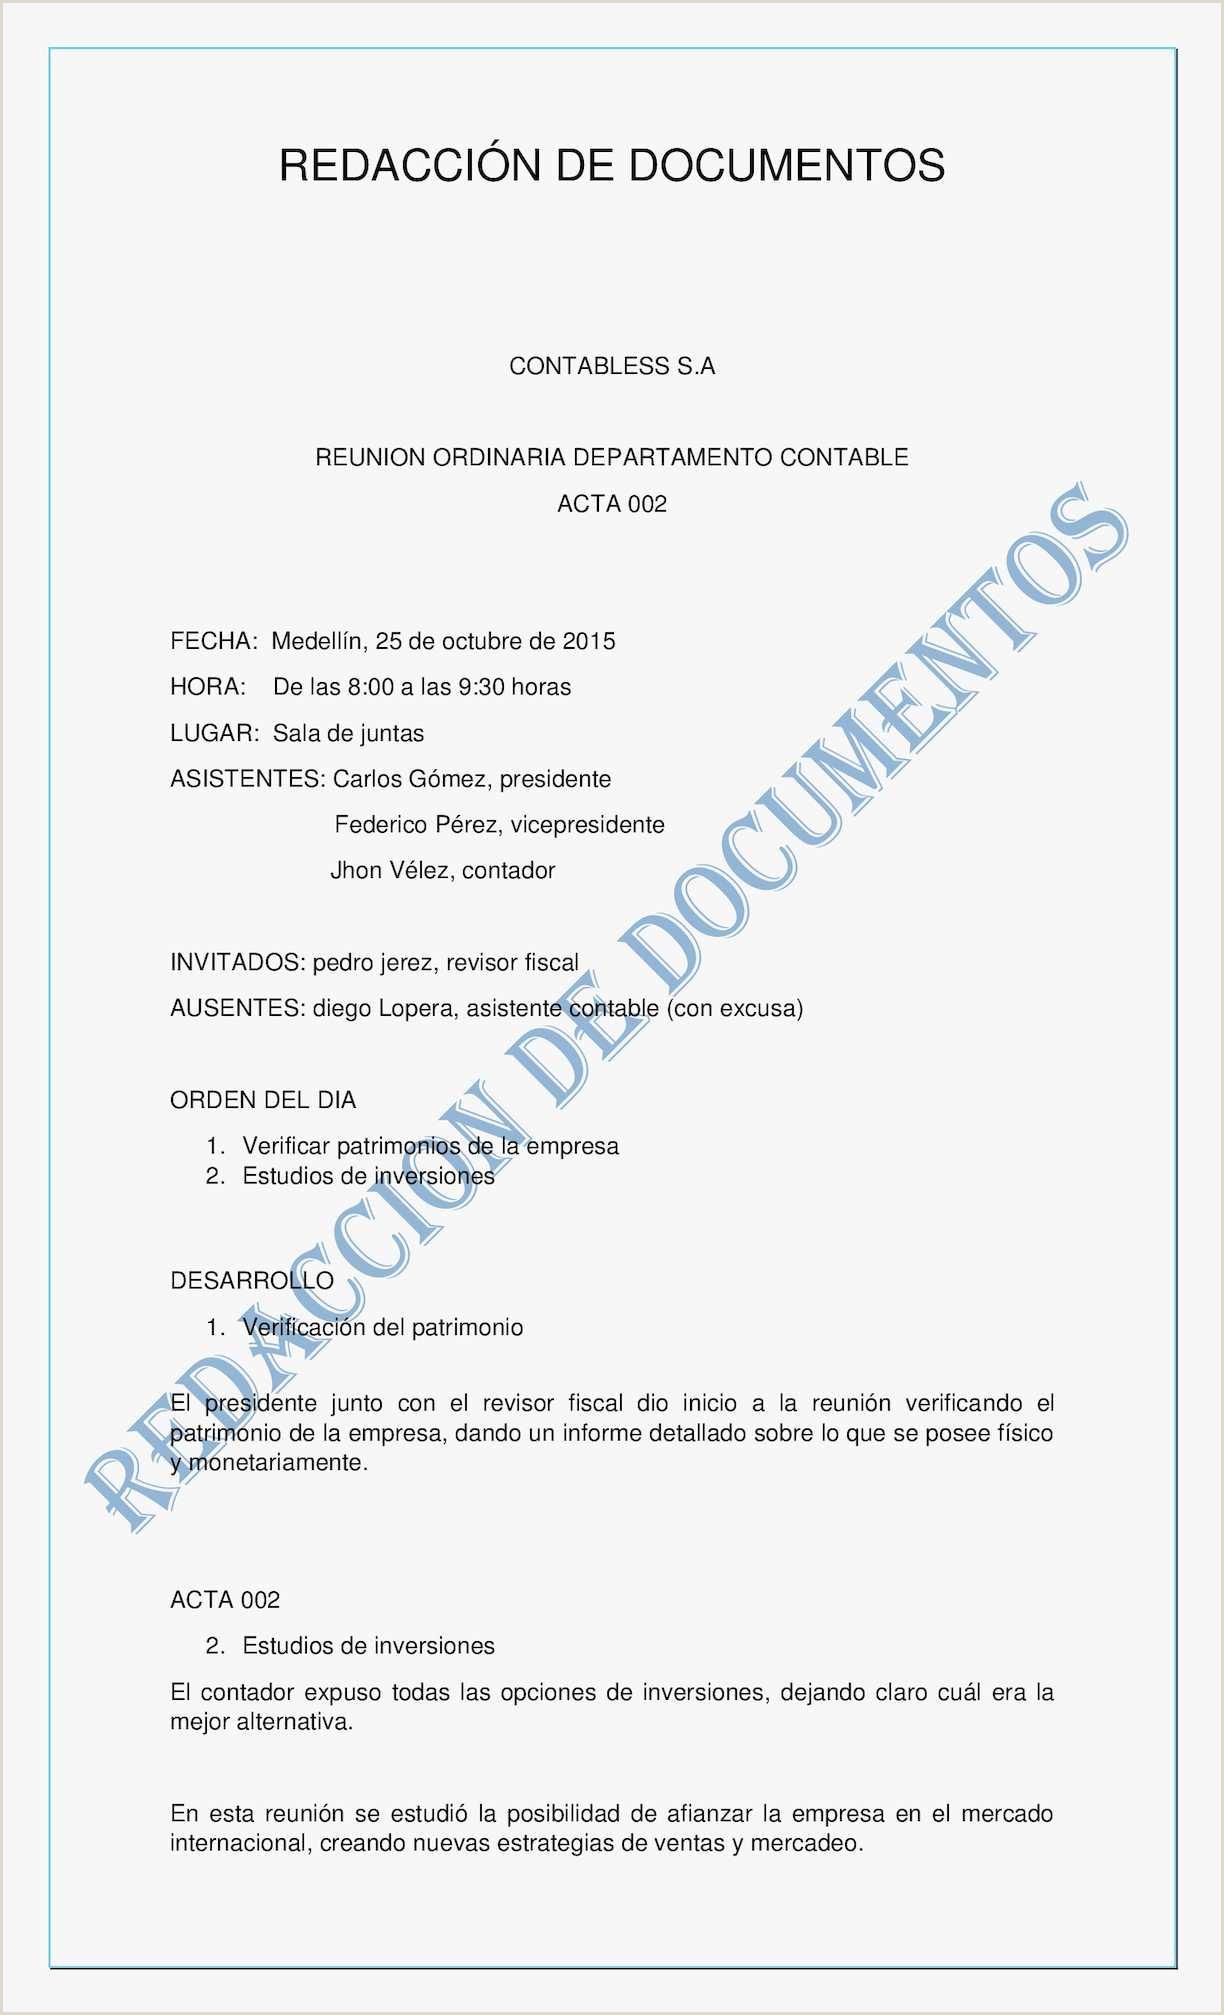 Formato Hoja De Vida Ntc Calaméo Redacci³n De Documentos